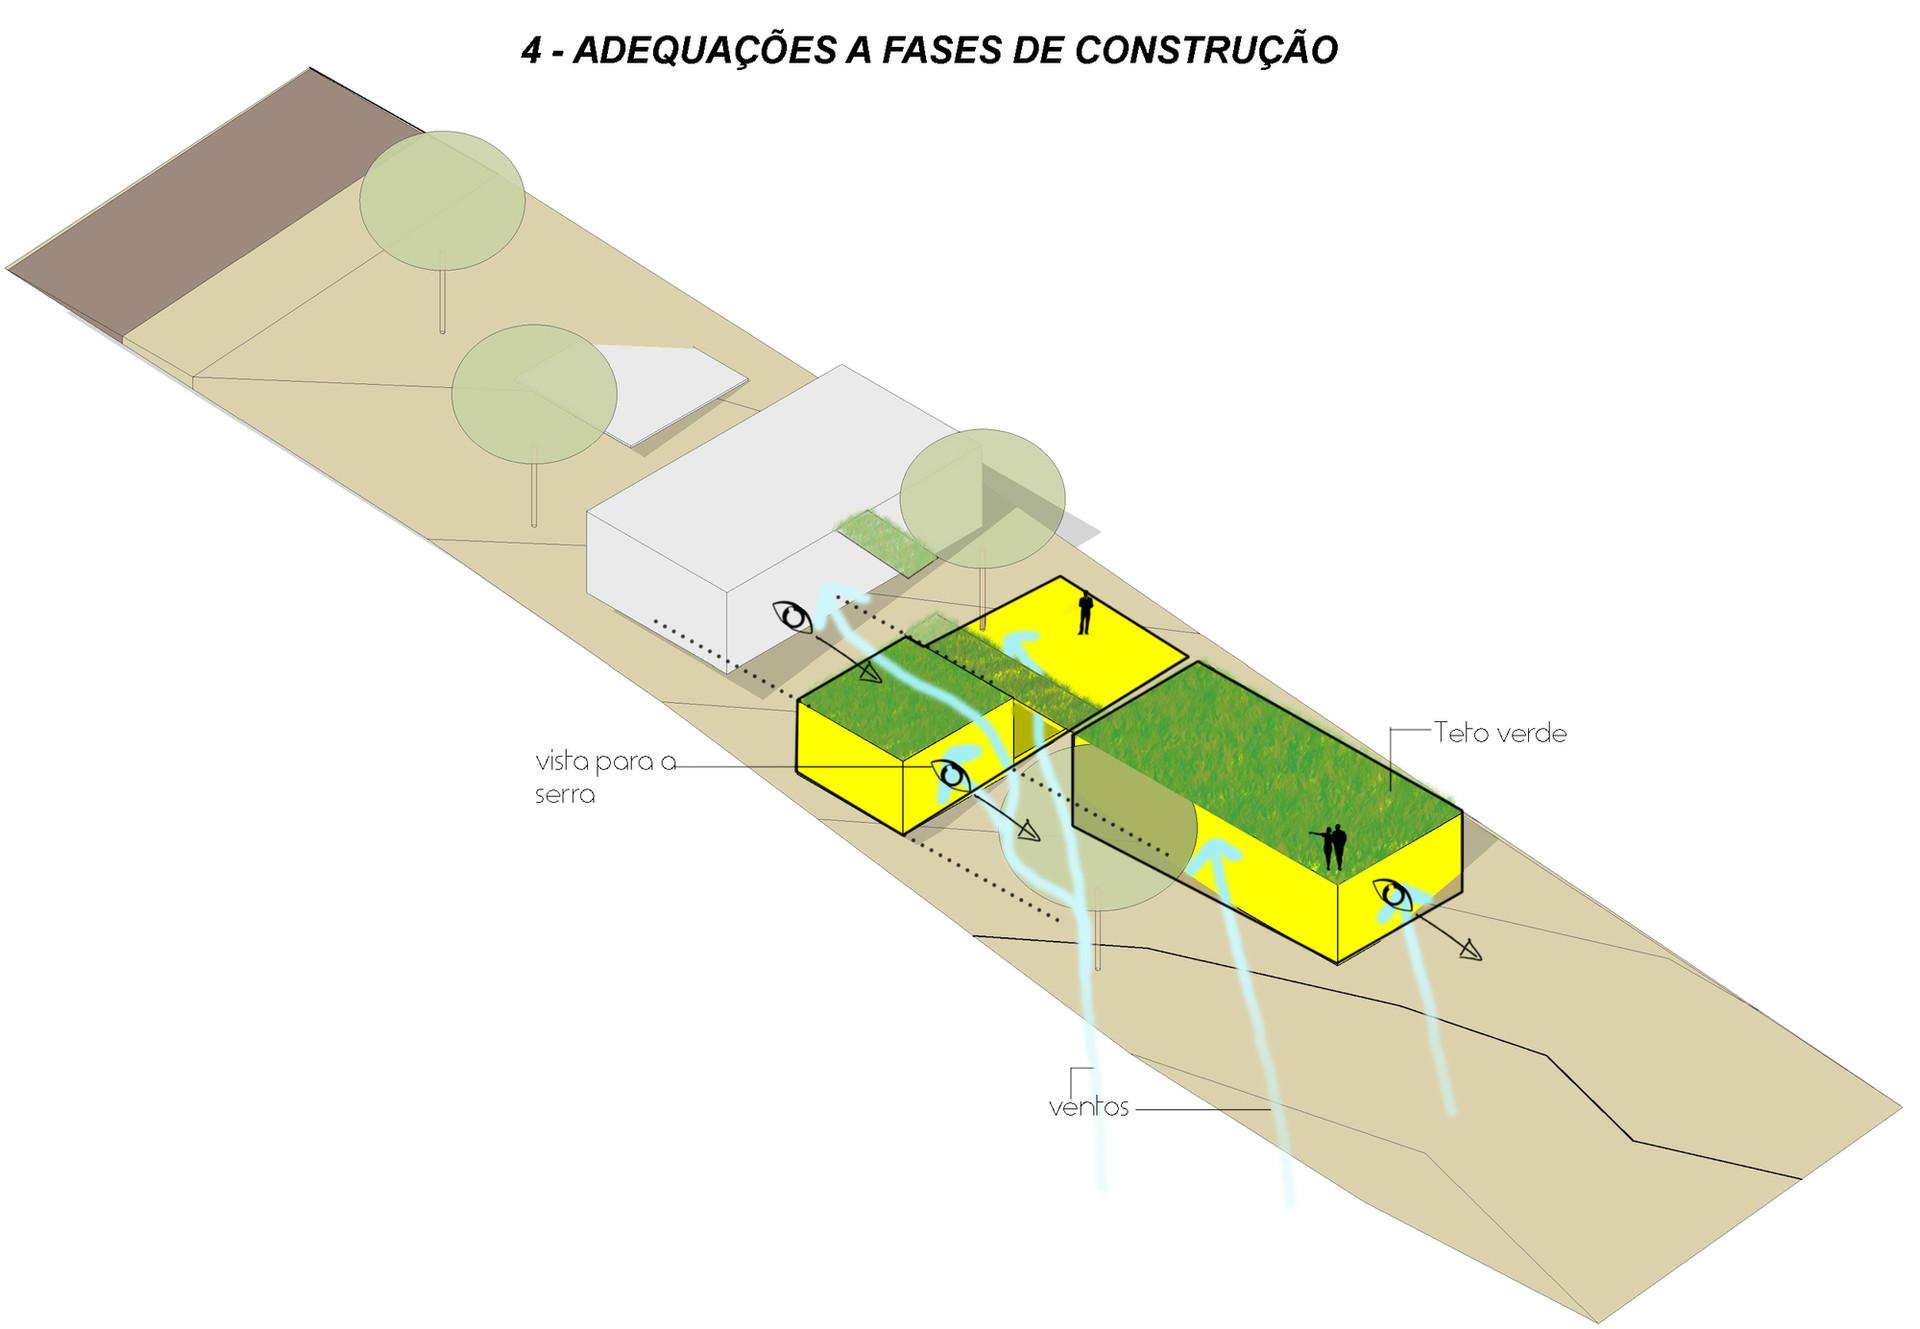 4 - Fases de construção